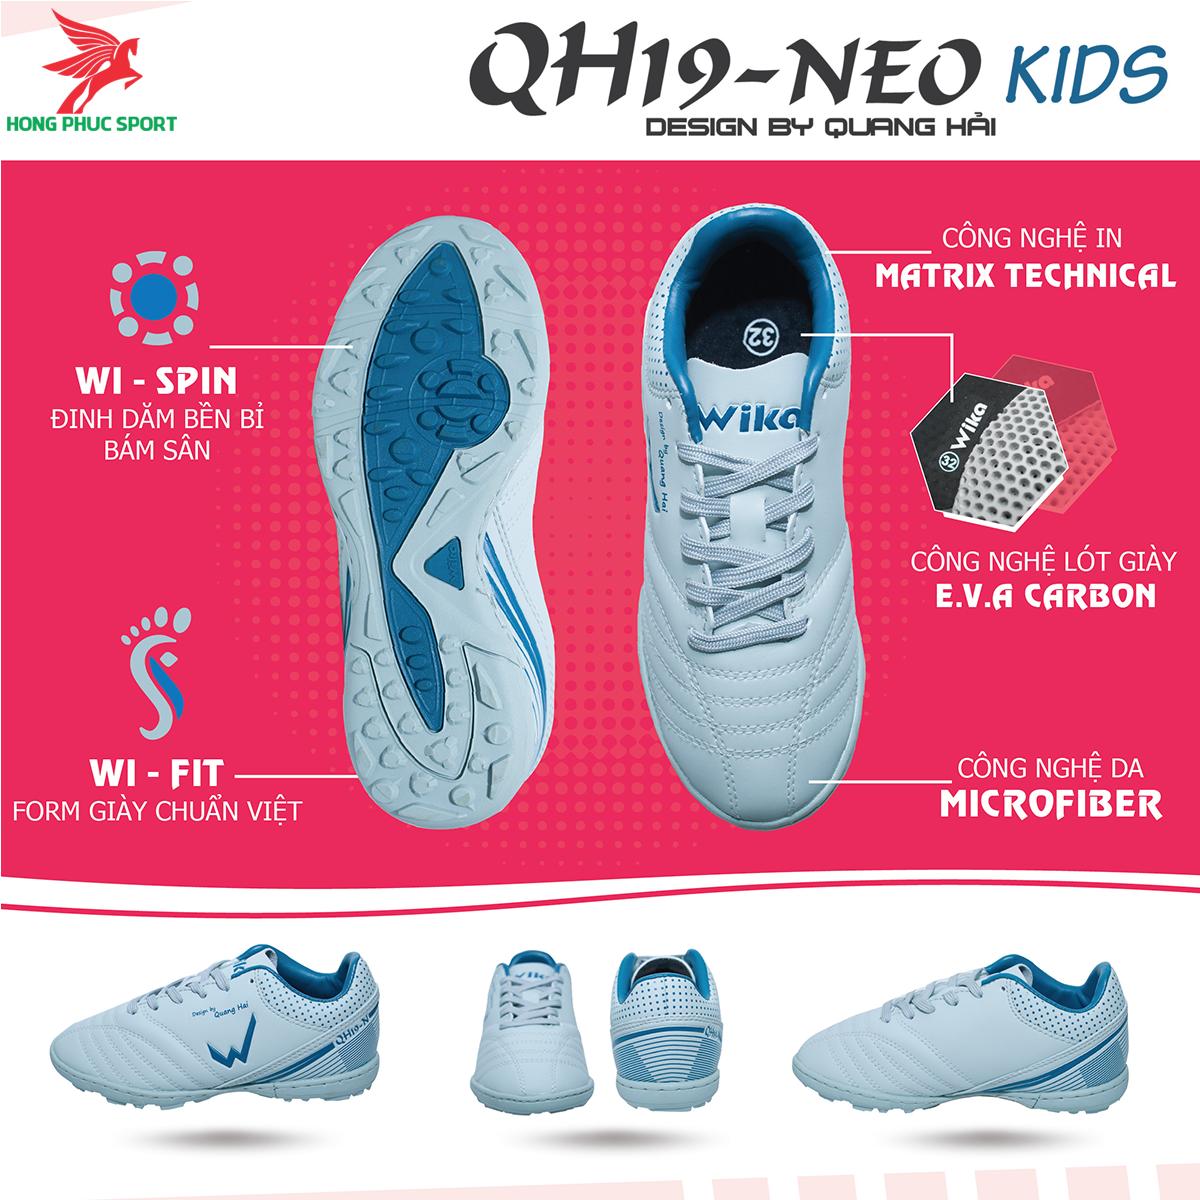 Giày đá banh Wika QH19 Neo Kids sân cỏ nhân tạo màu Xám (1)